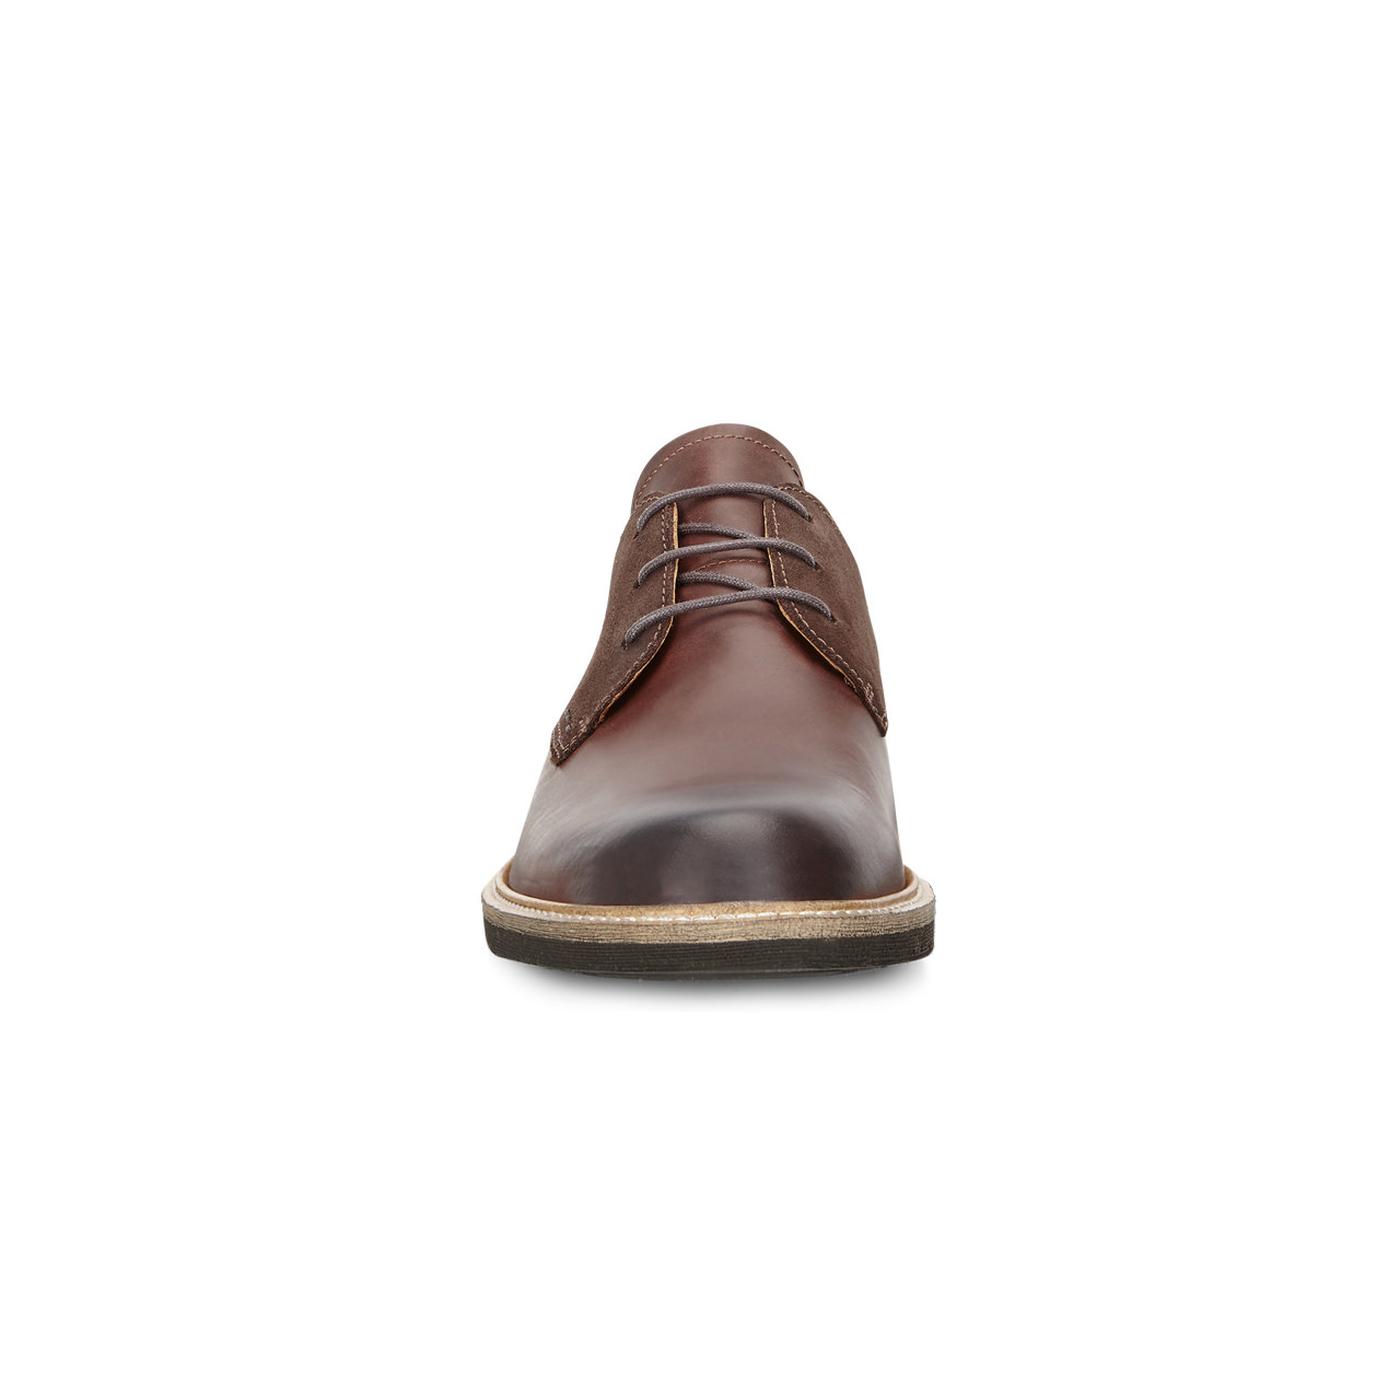 ECCO Kenton Plain Toe Tie